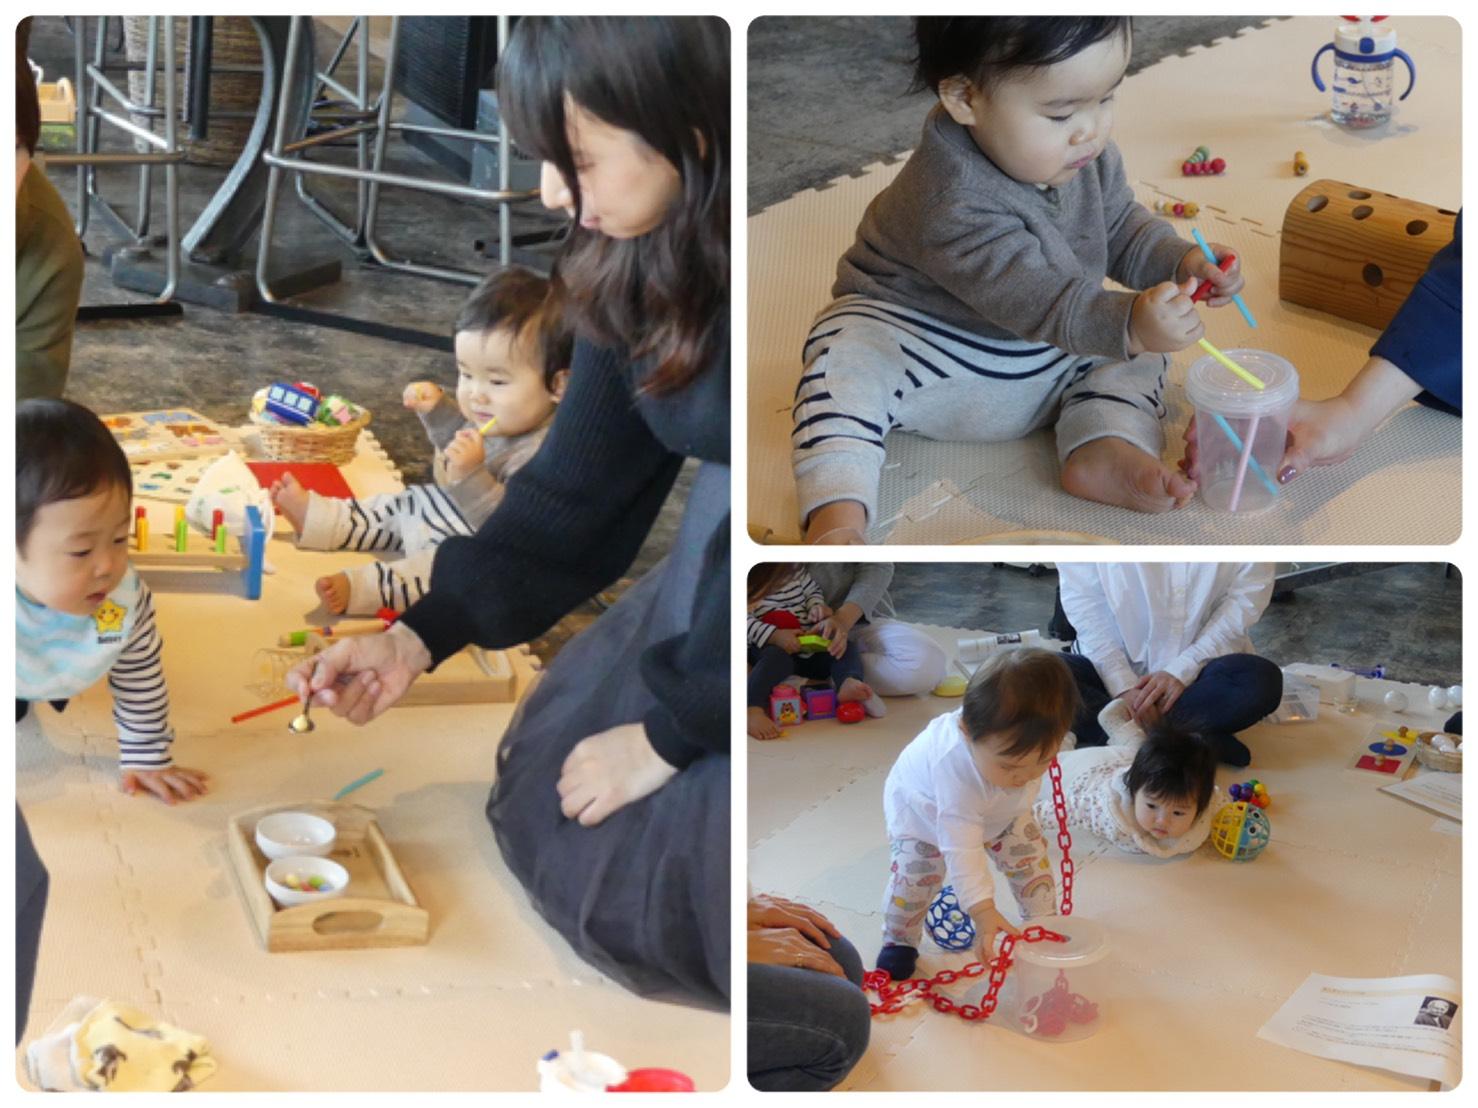 【10月19日】ママと赤ちゃんがいっしょに楽しい、おうちでモンテッソーリ教育講座